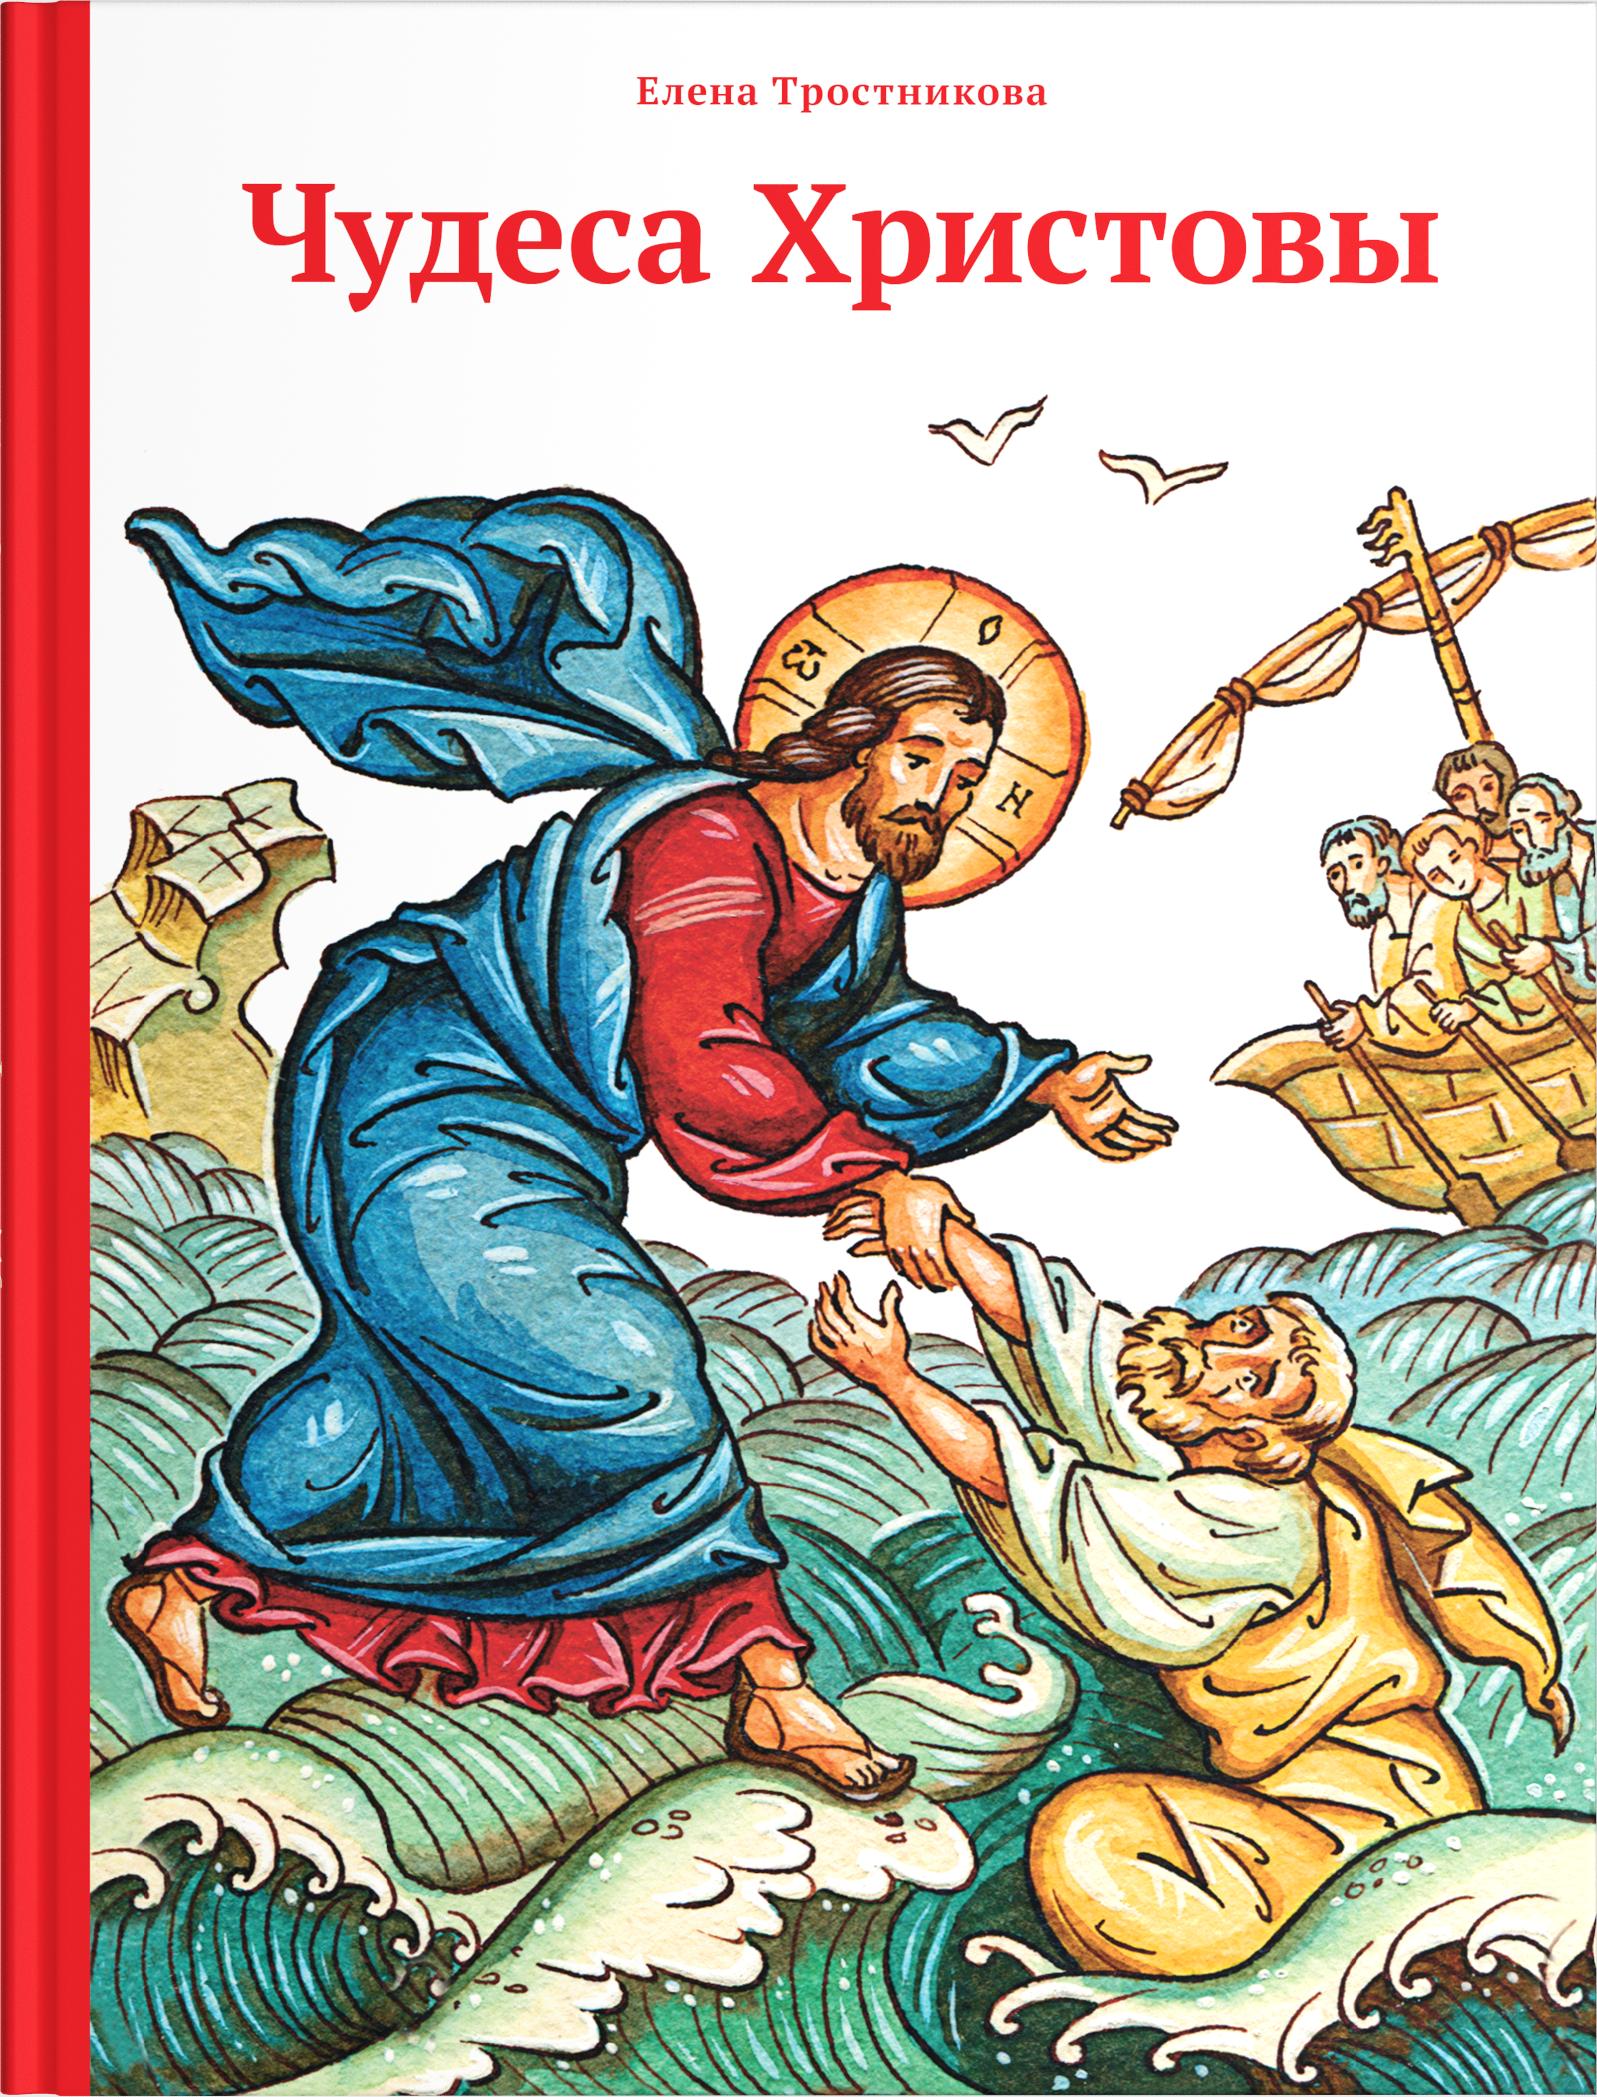 Книги о главном. Издательство Никея. Волшебные книги о вере и любви